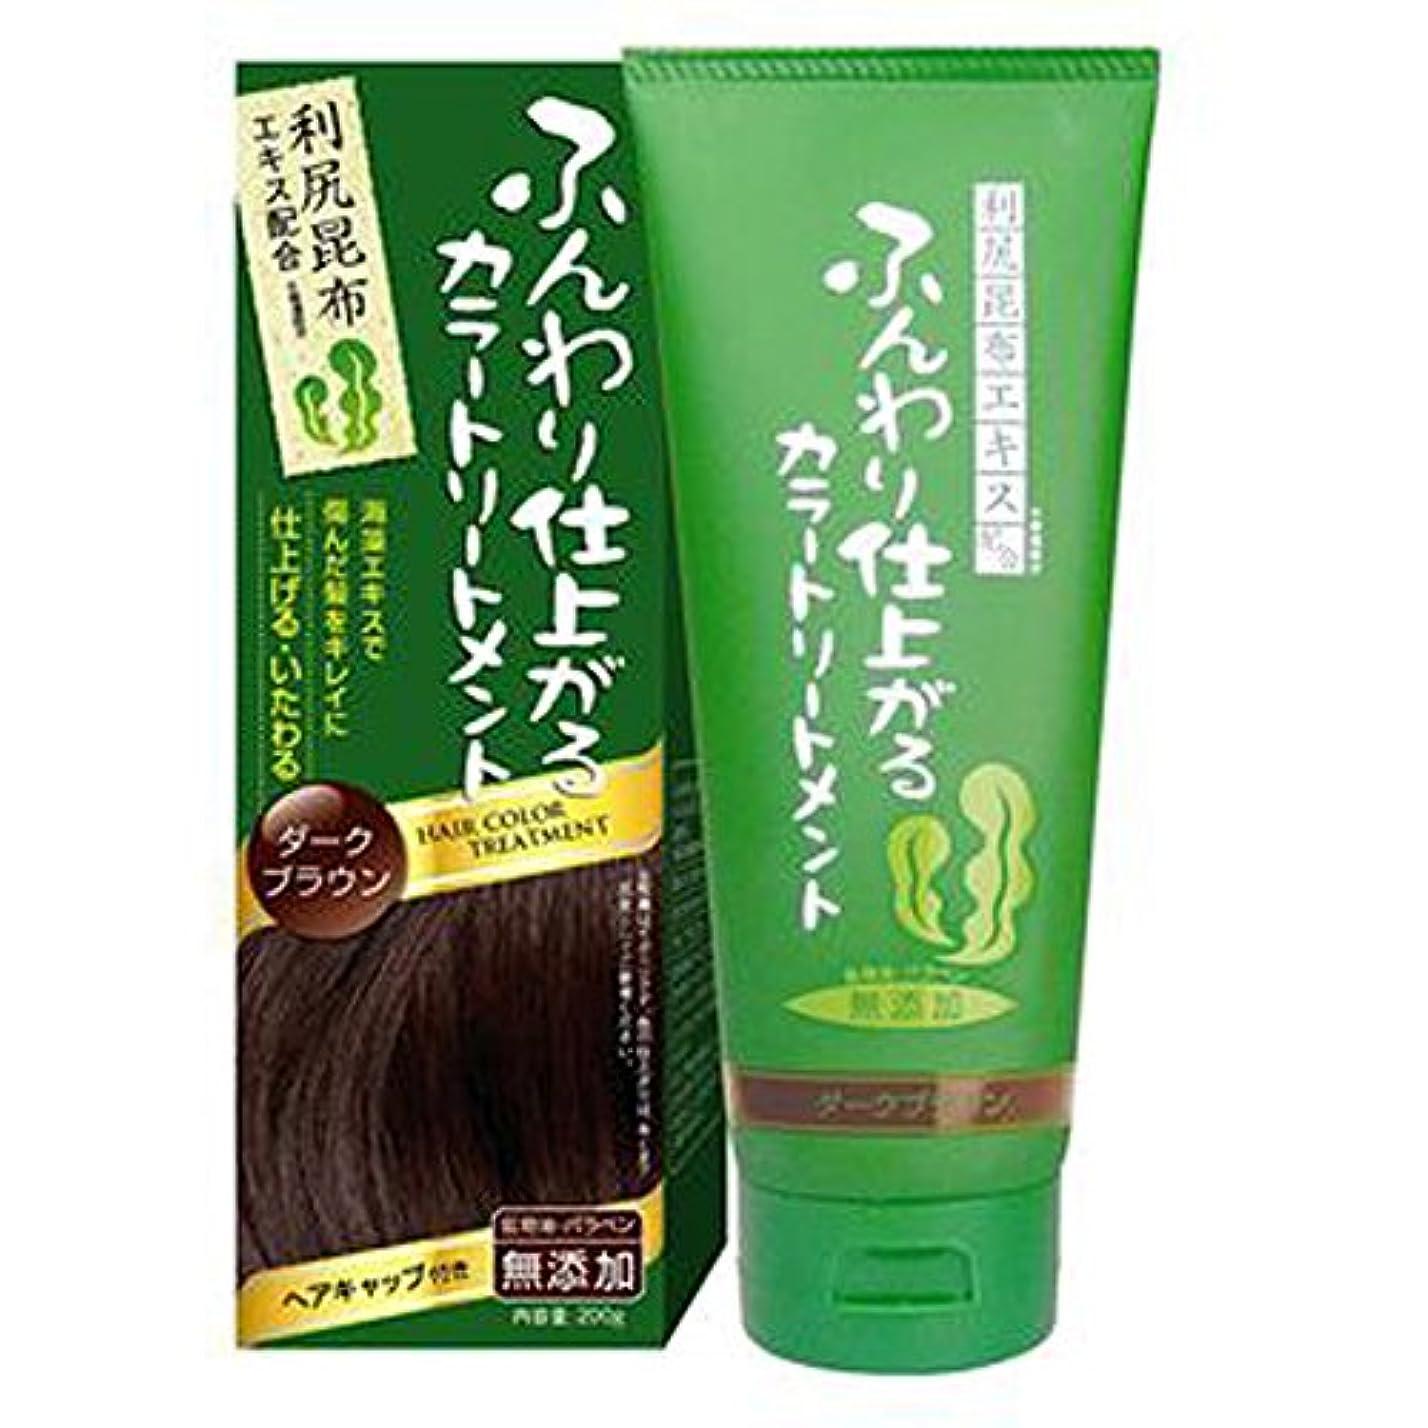 睡眠達成する統治可能ふんわり仕上がるカラートリートメント 白髪 染め 保湿 利尻昆布エキス配合 ヘアカラー (200g ダークブラウン) rishiri-haircolor-200g-dbr